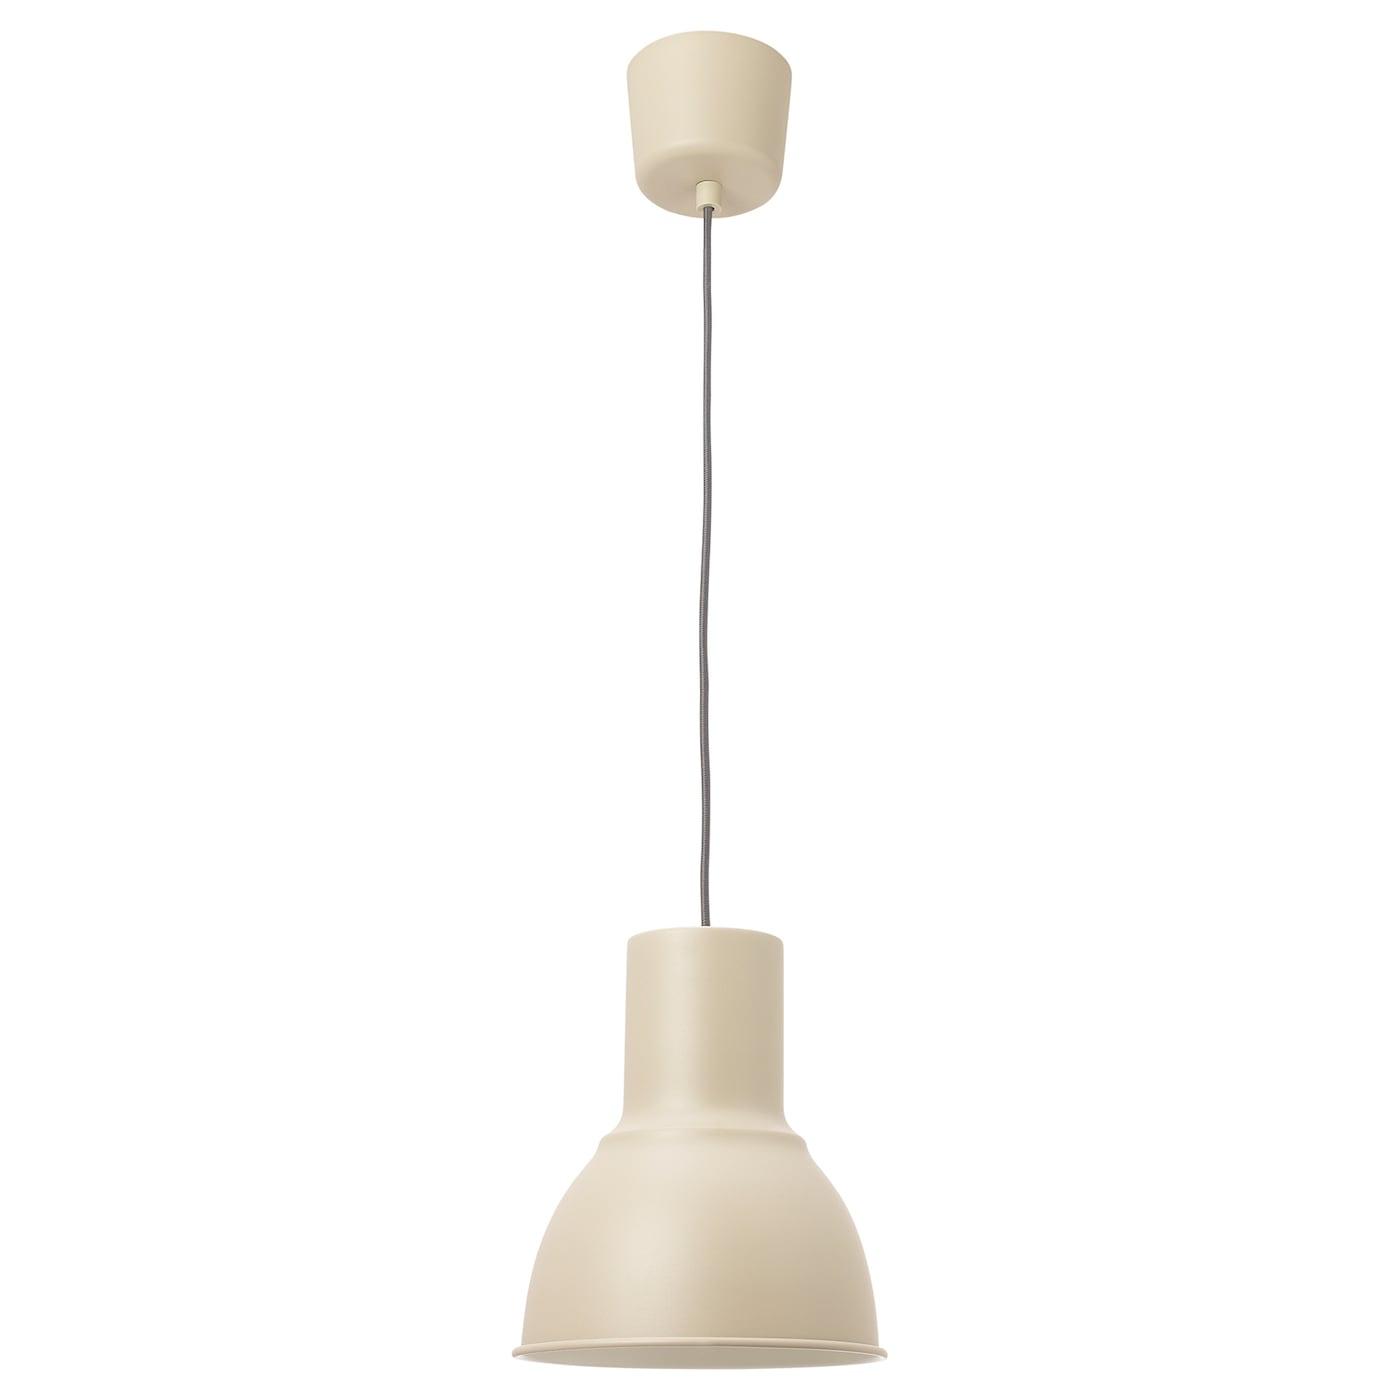 HEKTAR Lámpara de pie, beige IKEA